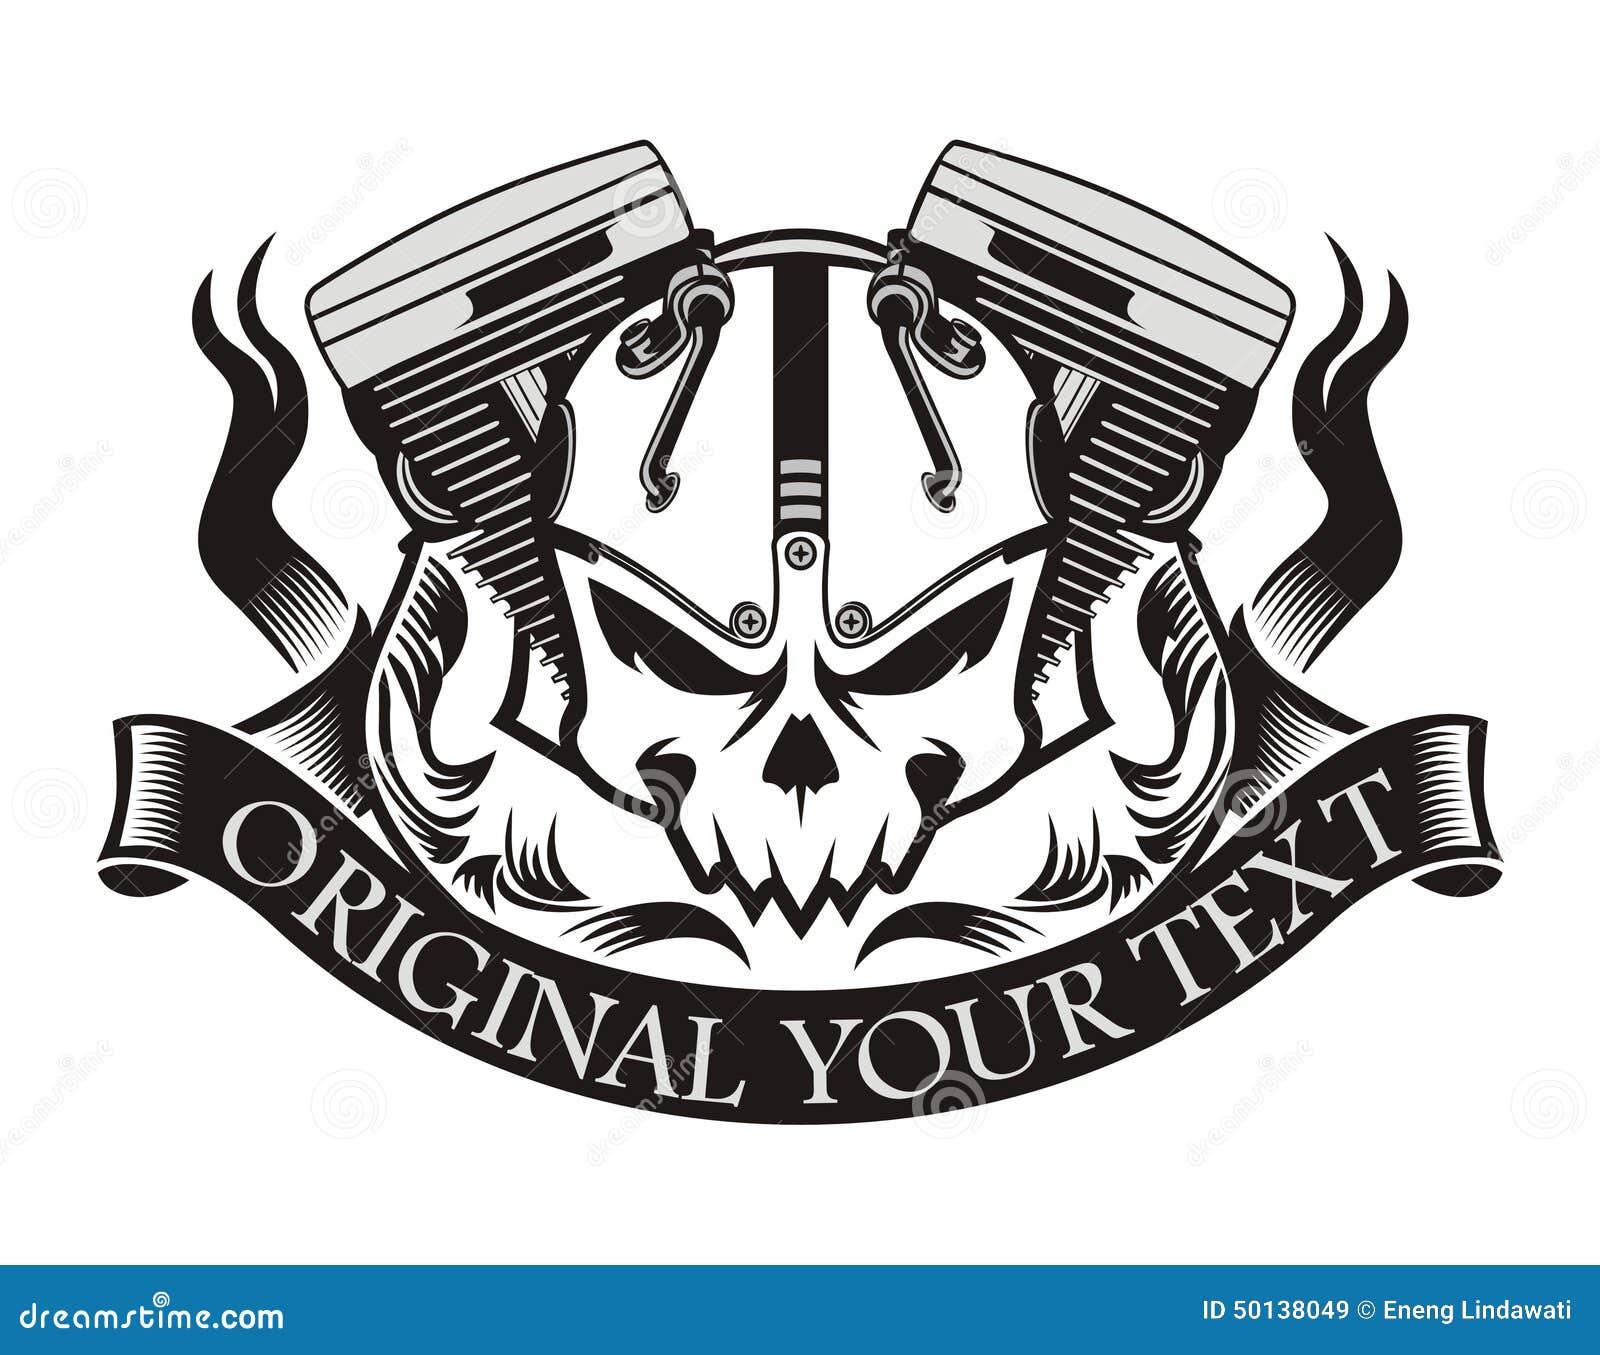 Motorcycle Machine Skull Ribbon Stock Illustration - Image: 50138049